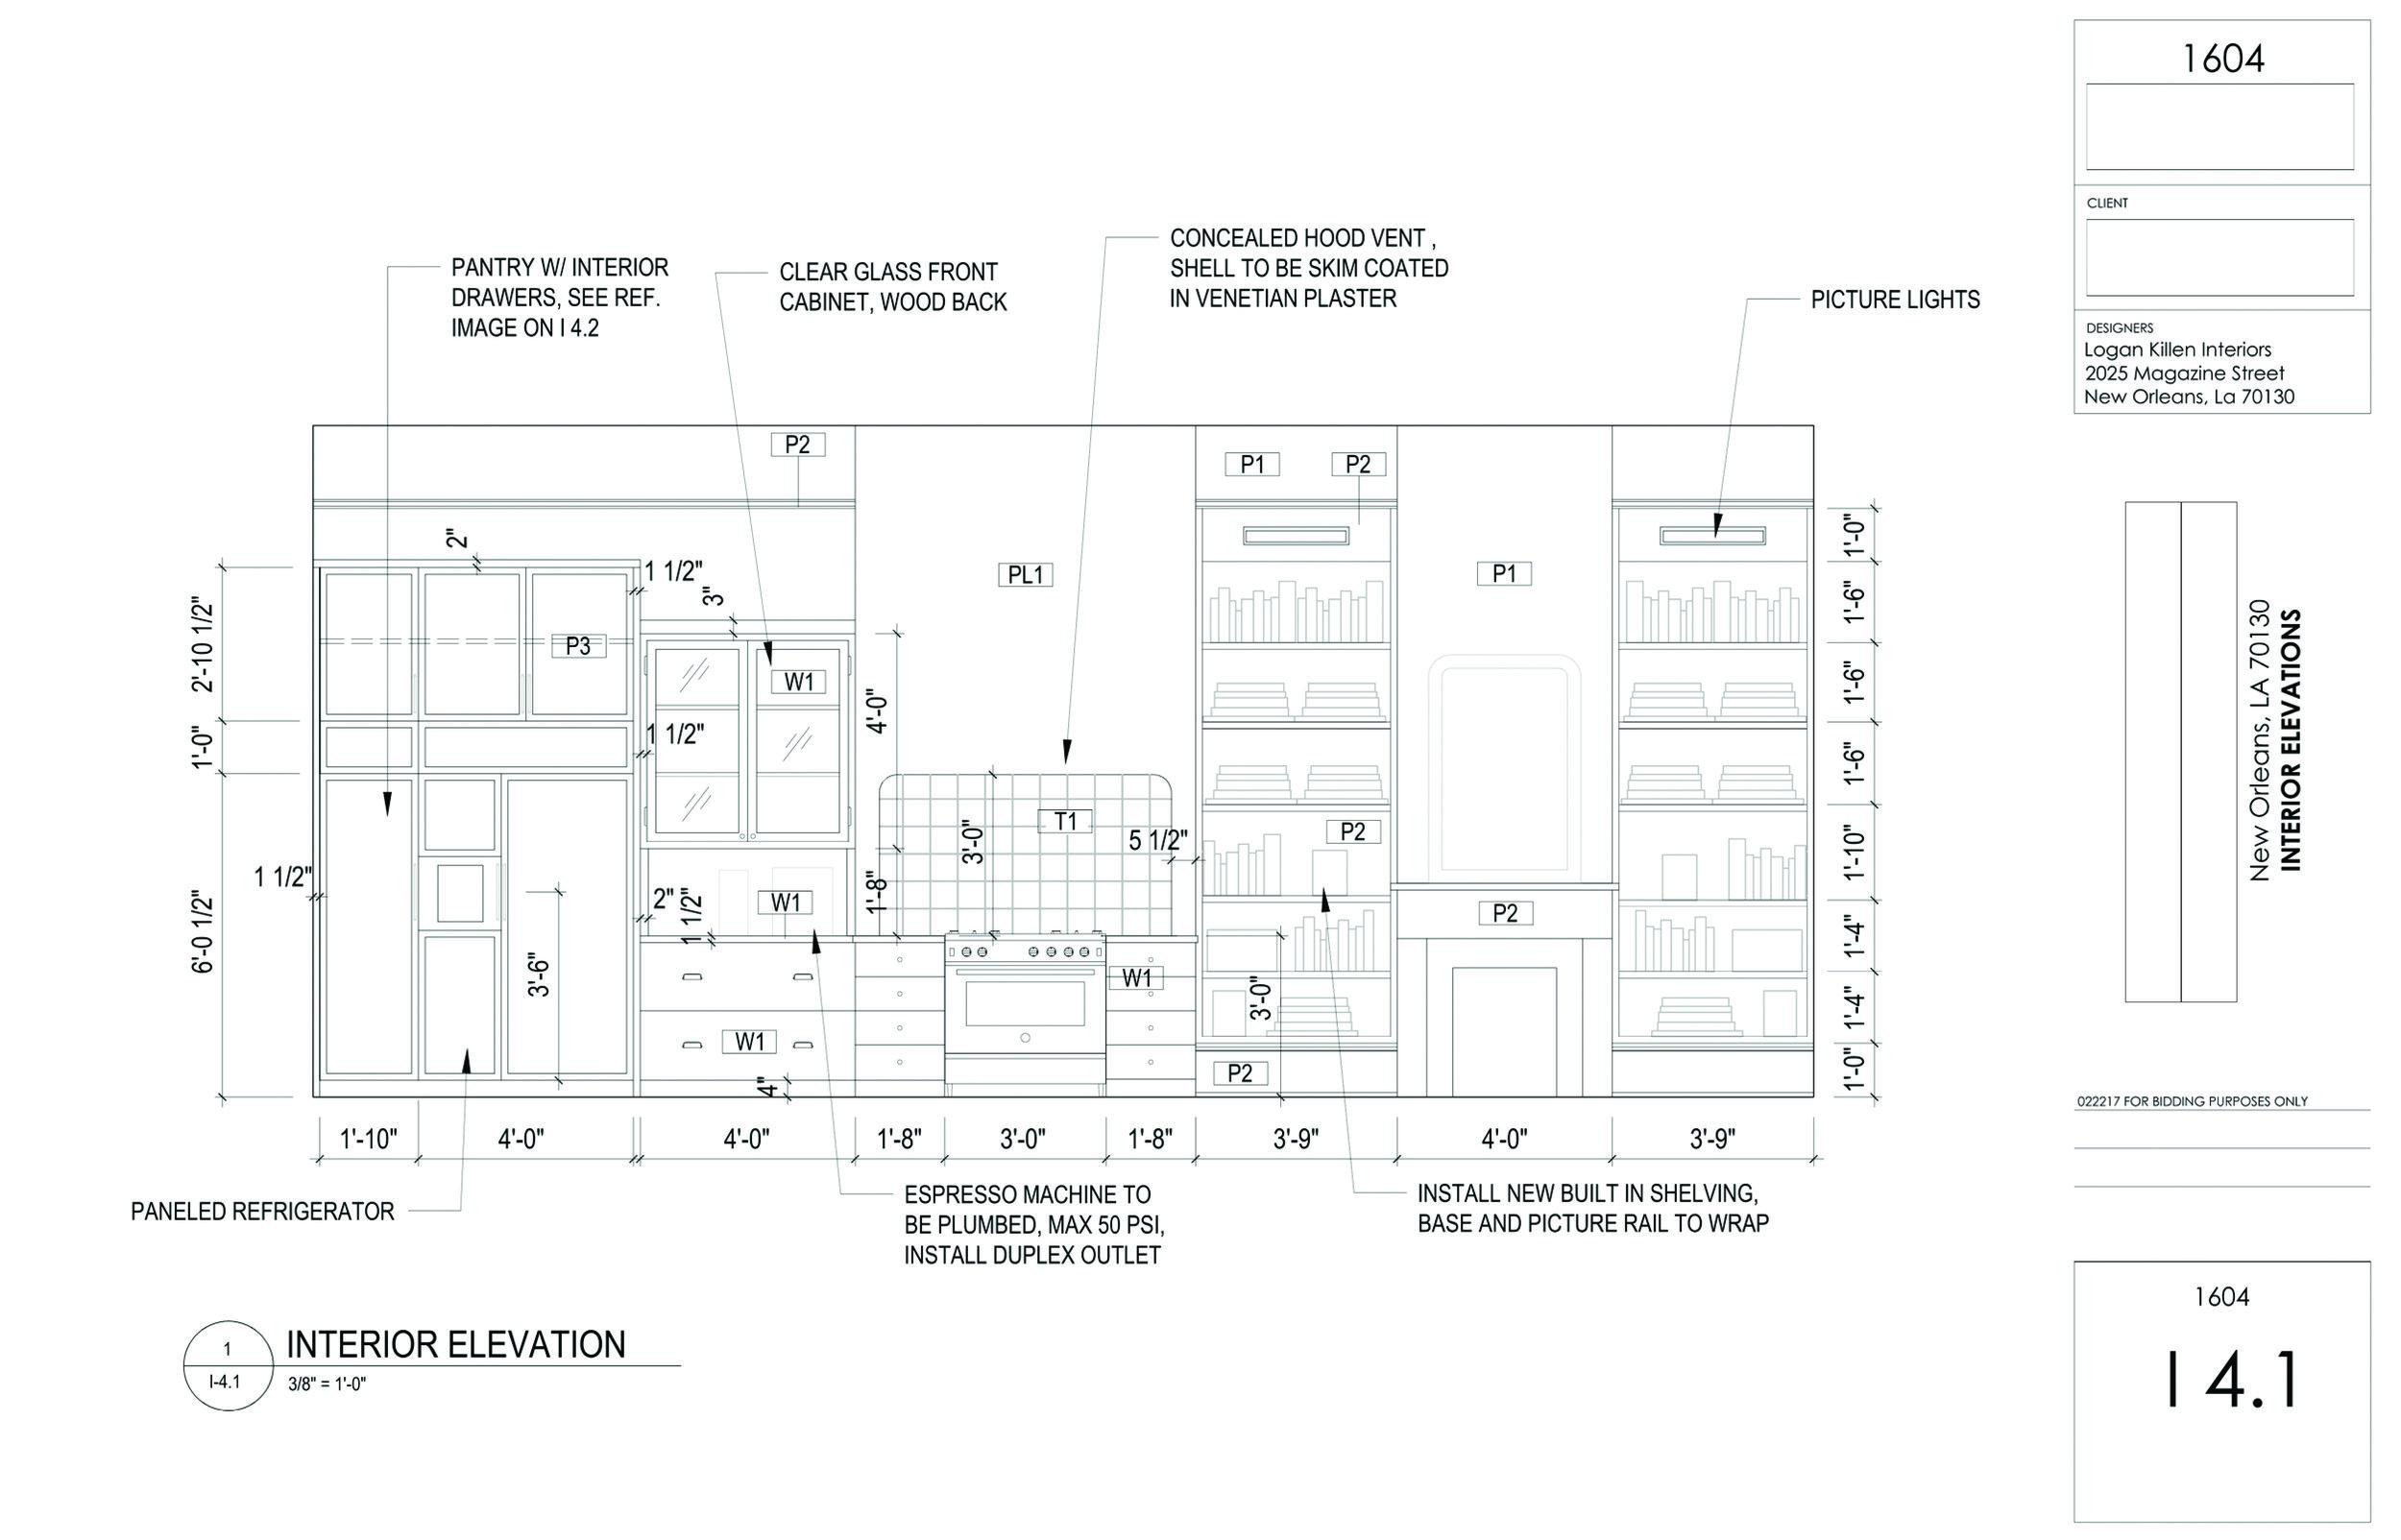 LKI DESIGN SERVICES DELIVERABLES EXAMPLES 13.jpg